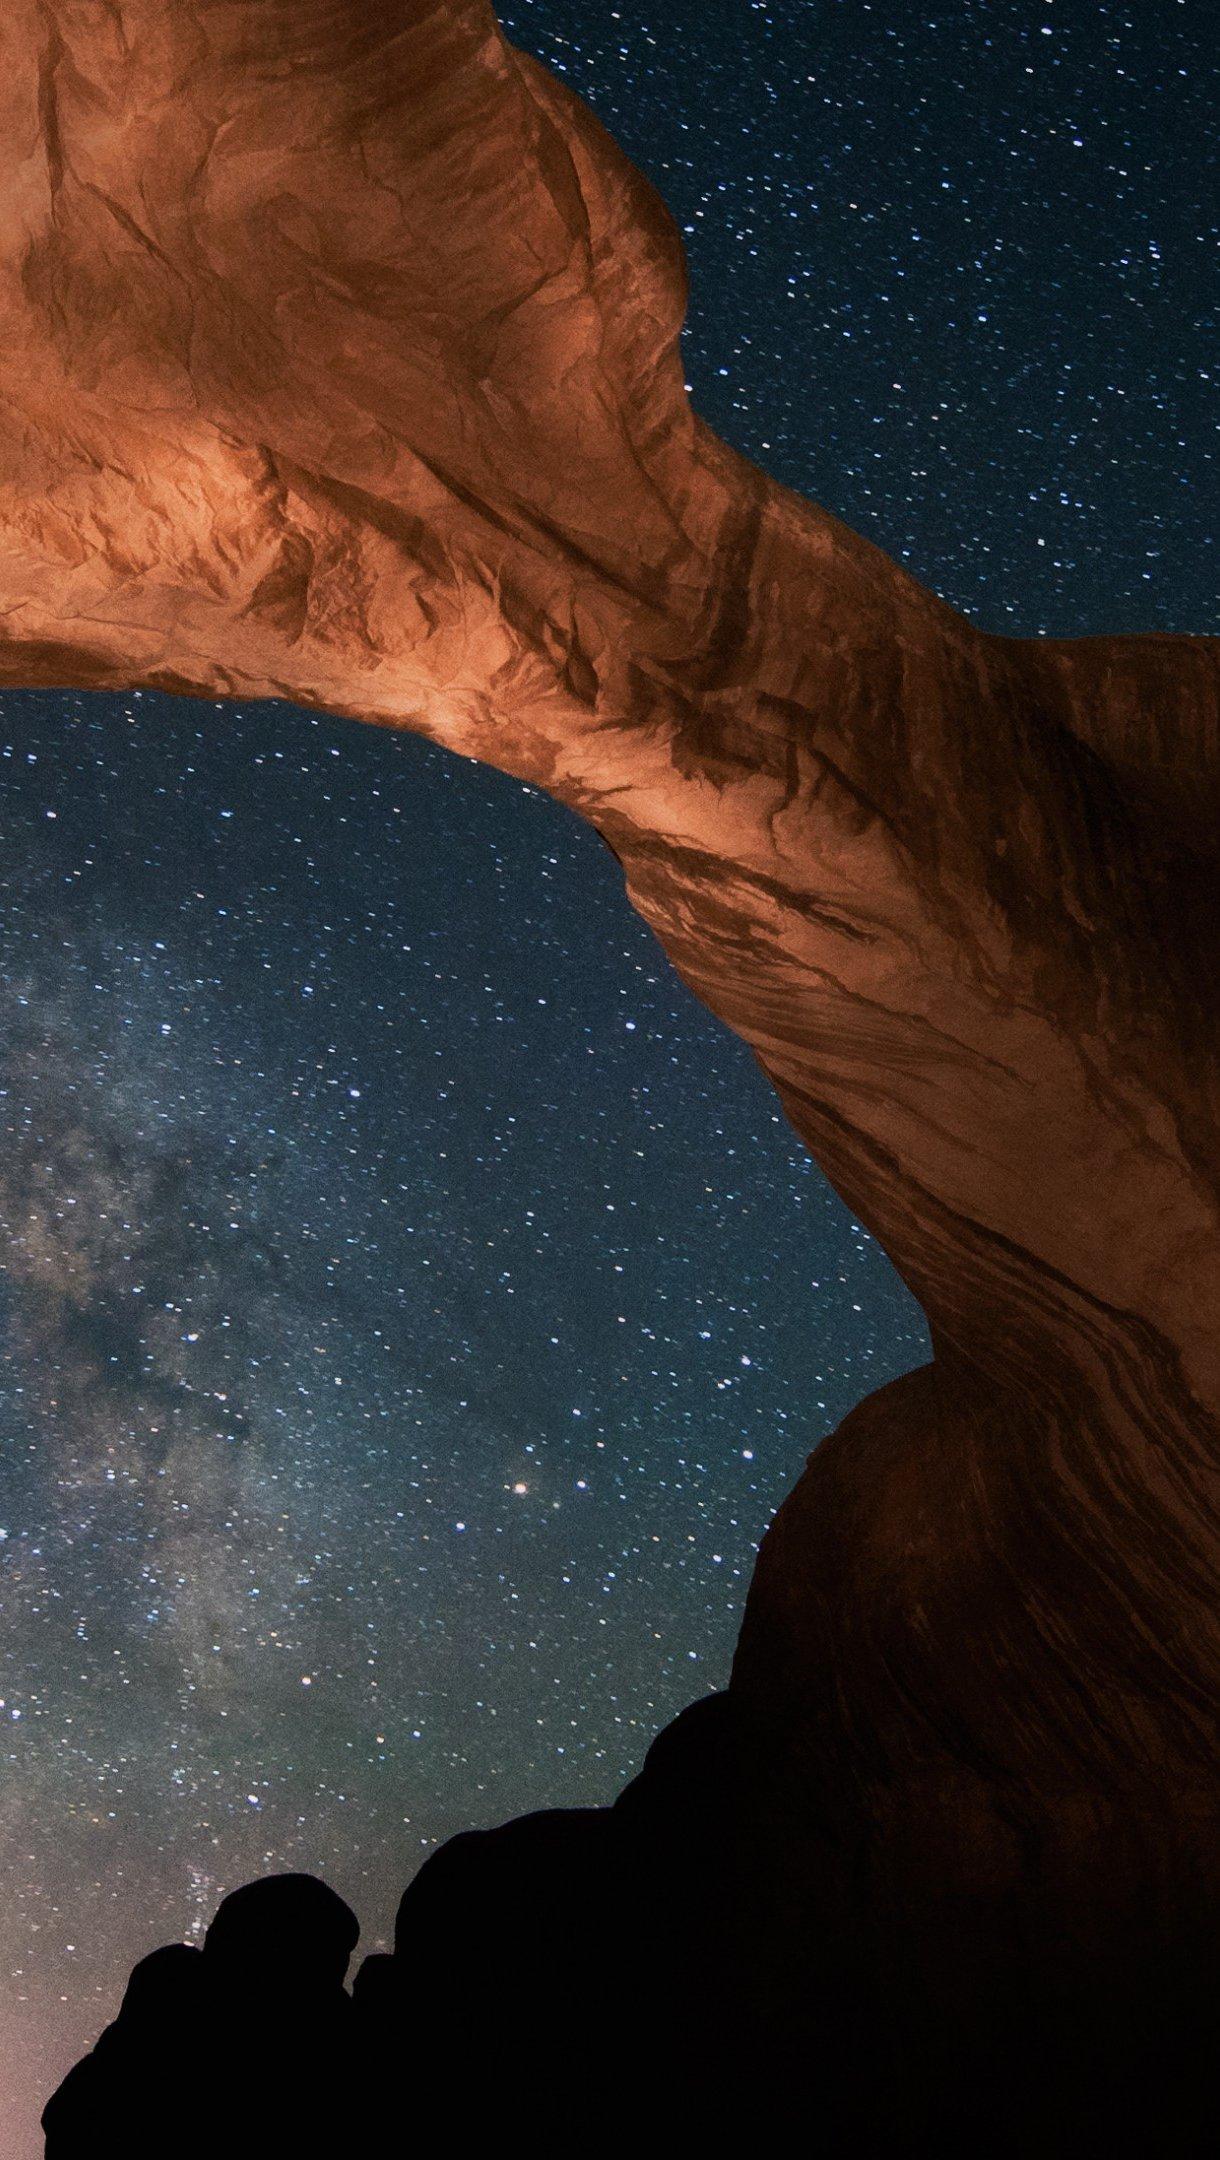 Fondos de pantalla Cielo nocturno con estrellas entre montañas Vertical